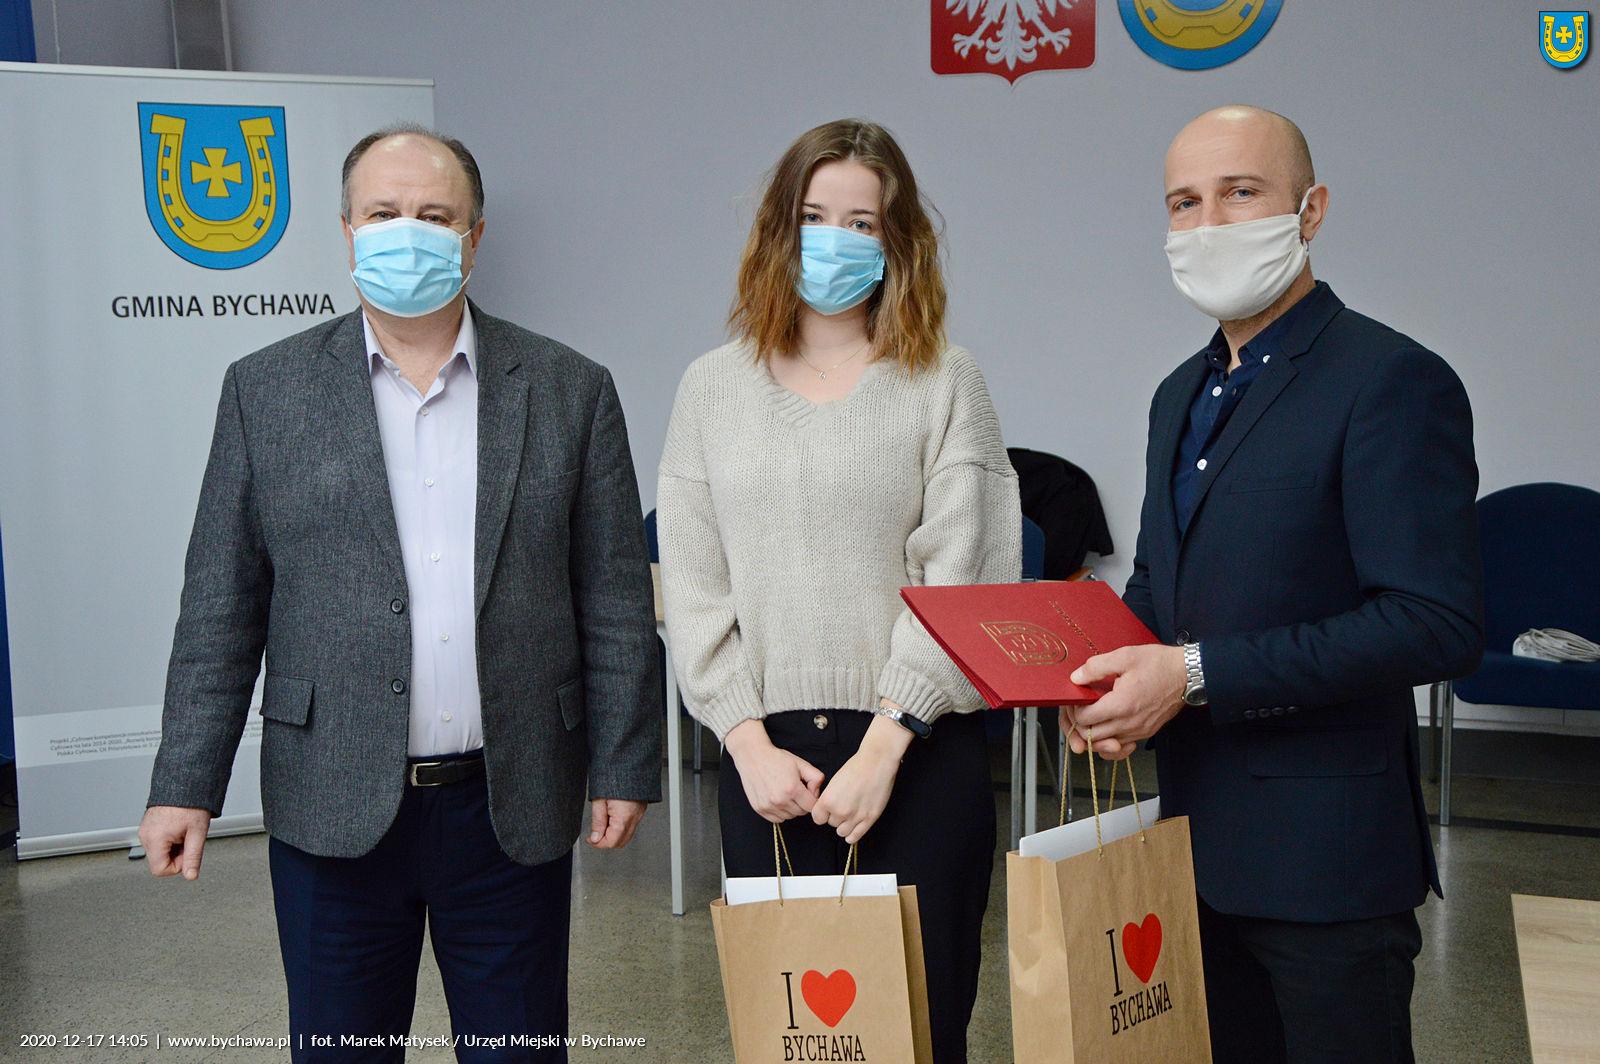 Wręczono nagrody Gminy Bychawa  za osiągnięcia w dziedzinie twórczości artystycznej, upowszechniania i ochrony kultury